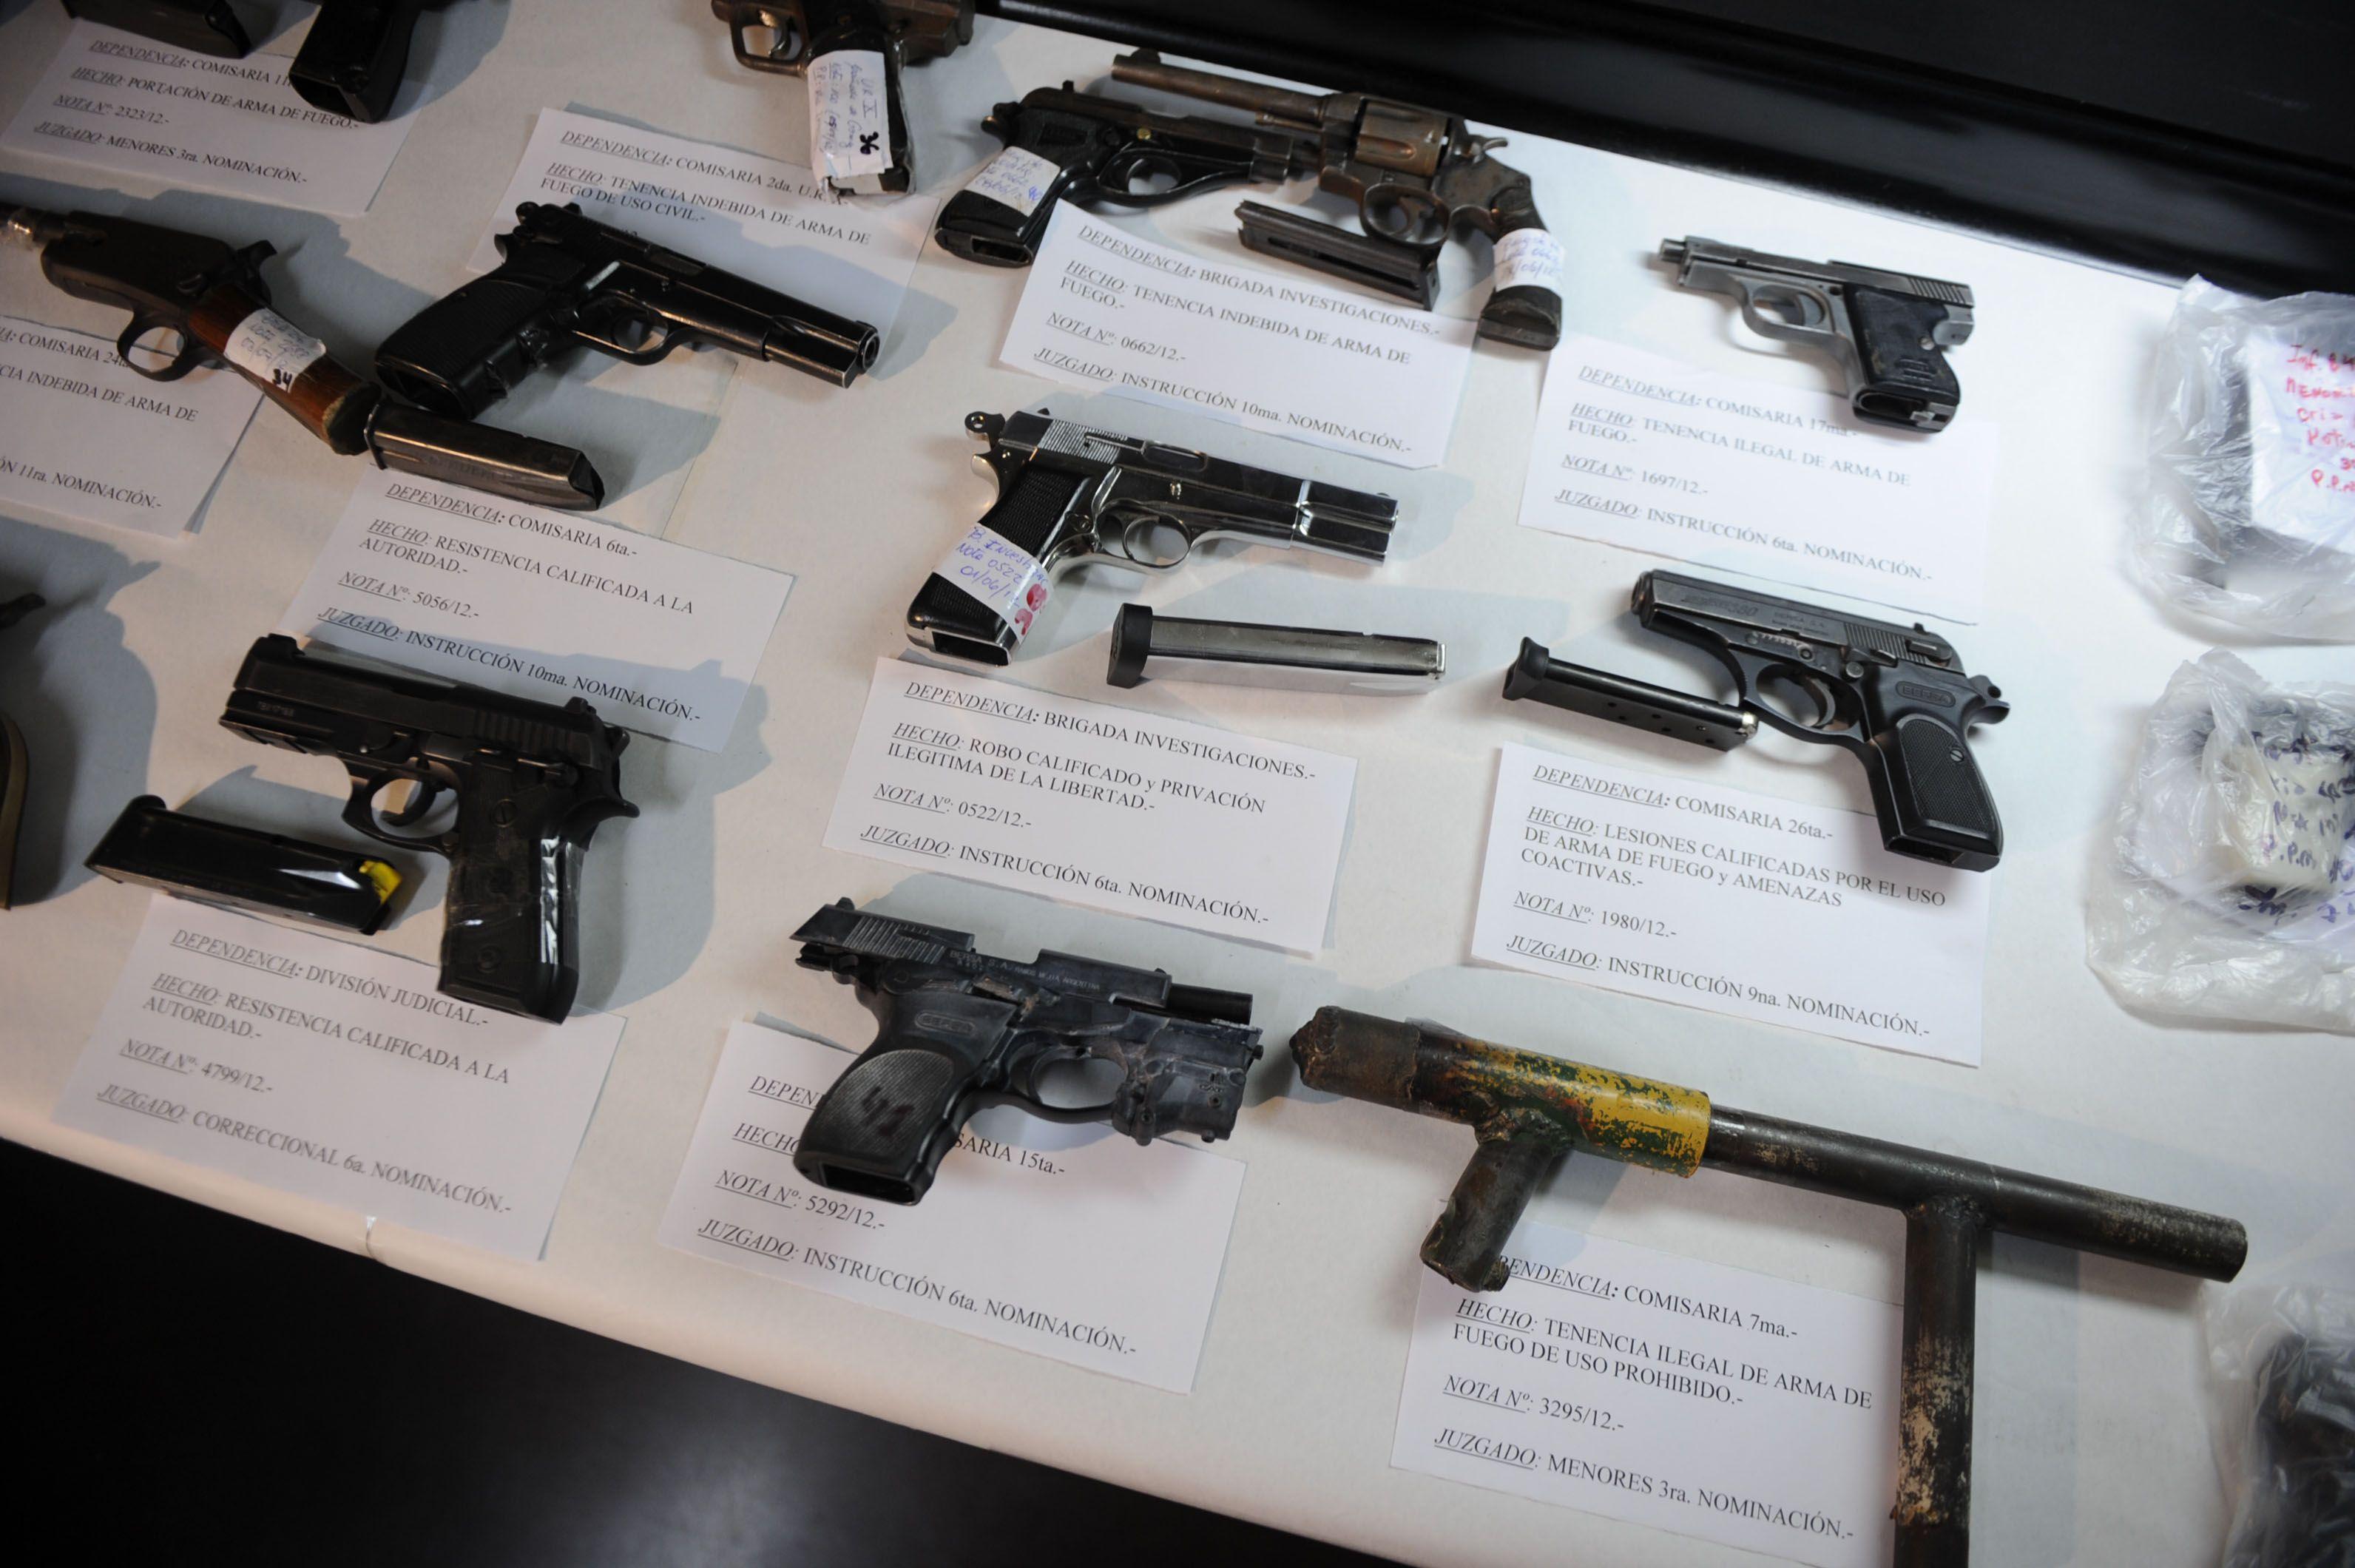 El programa apunta al desarme y a atacar el mercado negro de armas que luego son usadas por la delincuencia.(Foto: C.M.Lovera)